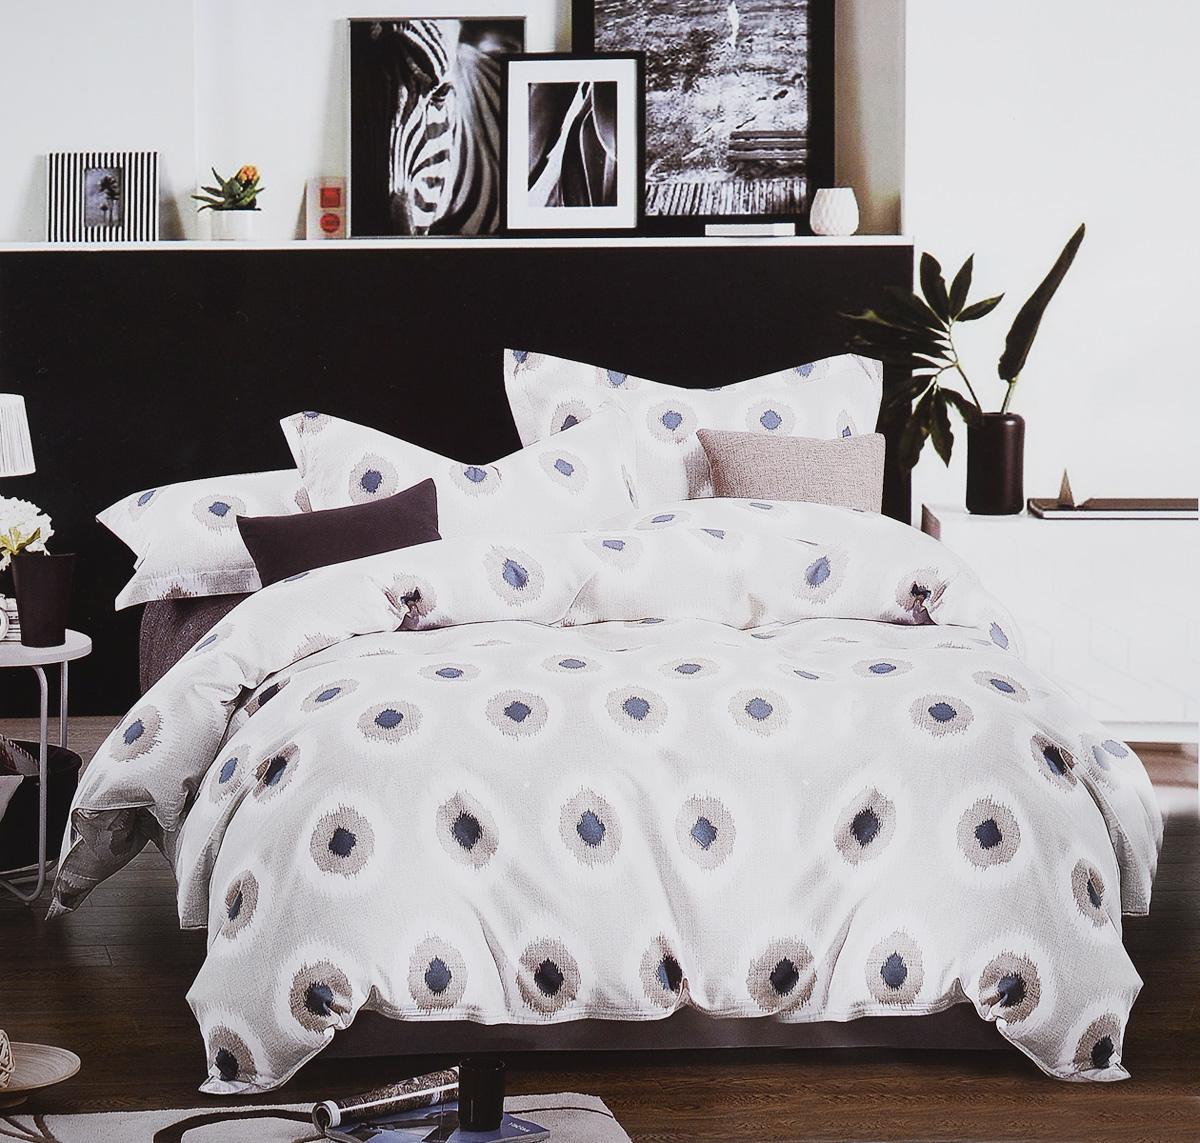 Комплект белья Cleo Дымчатый полькадос, евро, наволочки 50х70, 70х70391602Коллекция постельного белья из микросатина CLEO – совершенство экономии, но не на качестве! Благодаря новейшим технологиям микросатин – это прочность, легкость, простота в уходе, всегда яркие цвета после стирки. Микро-сатин набирает все большую популярность, благодаря своим уникальным характеристикам. Окраска материала - стойкая, цветовая палитра - яркая, насыщенная. Микро-сатин хорошо впитывает влагу, а после стирки быстро сохнет, становясь шелковистым на ощупь, мягким и воздушным. Комплект состоит из пододеяльника, четырех наволочек и простыни.